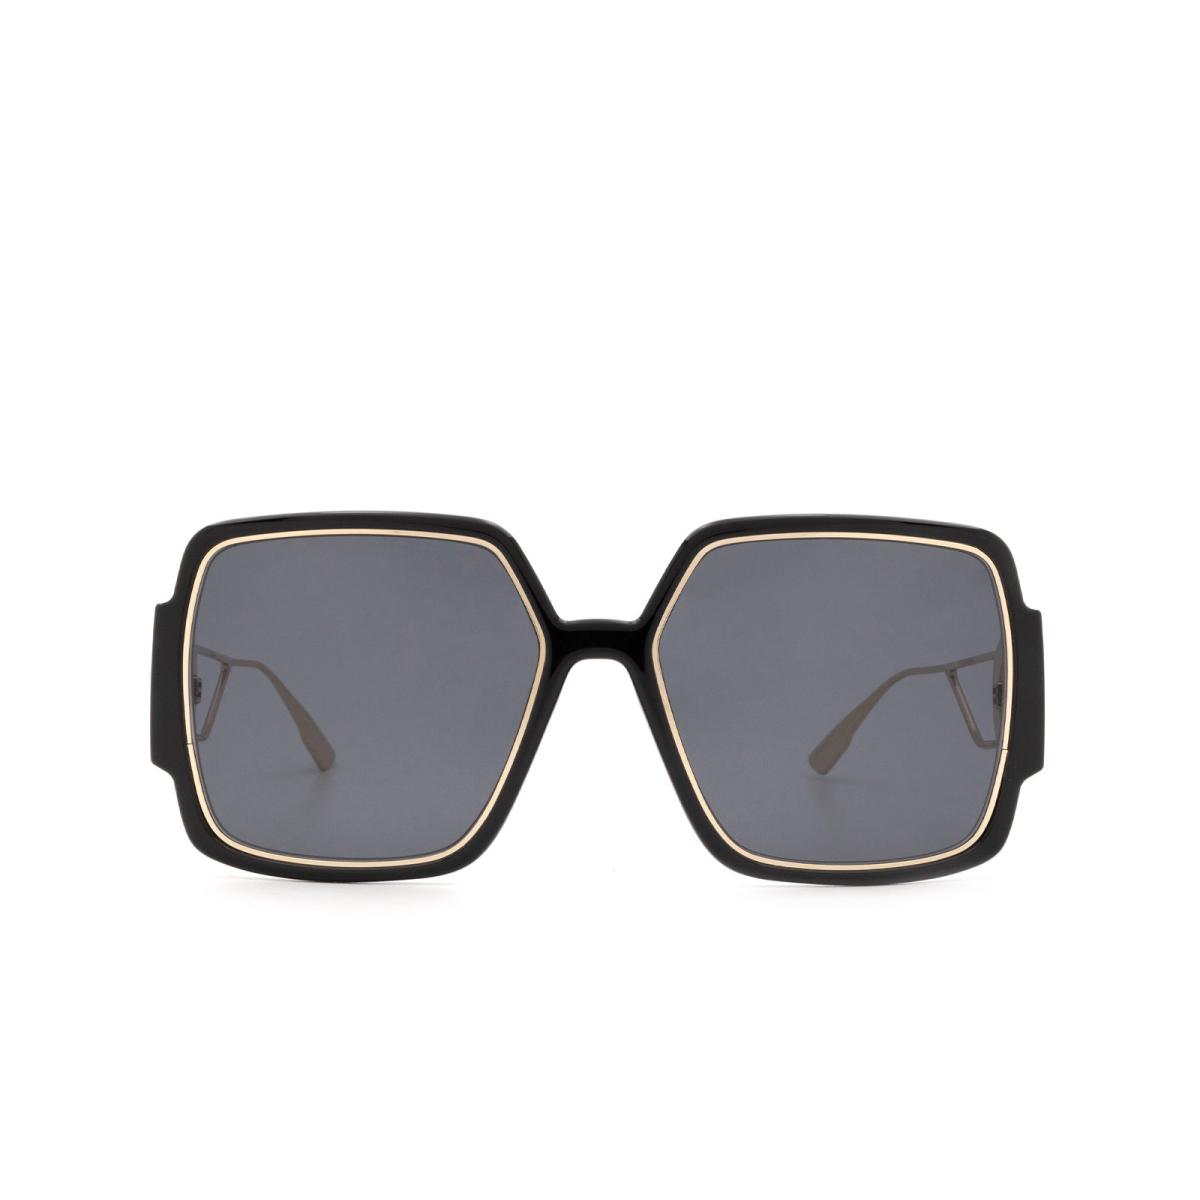 Dior® Square Sunglasses: 30MONTAIGNE2 color Black Gold 2M2/2K.